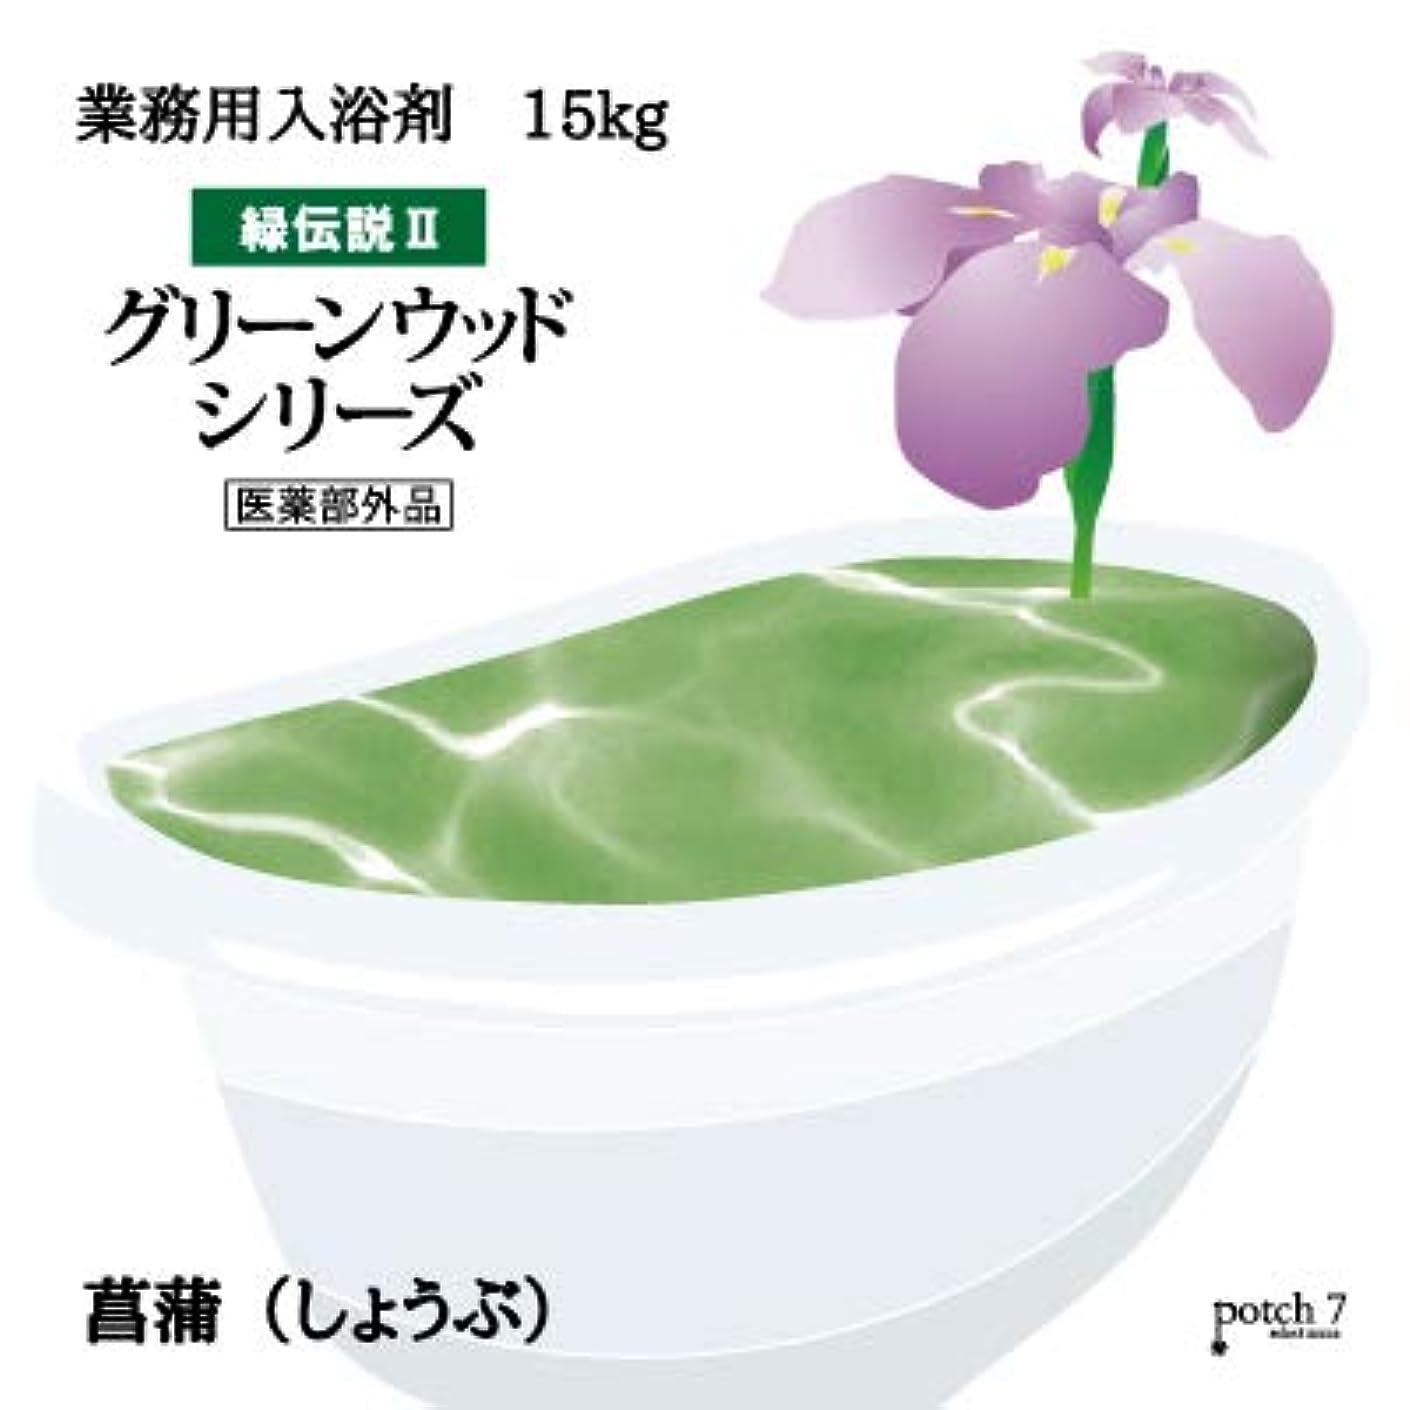 業務用入浴剤「菖蒲」15Kg(7.5Kgx2袋入)GYM-SY